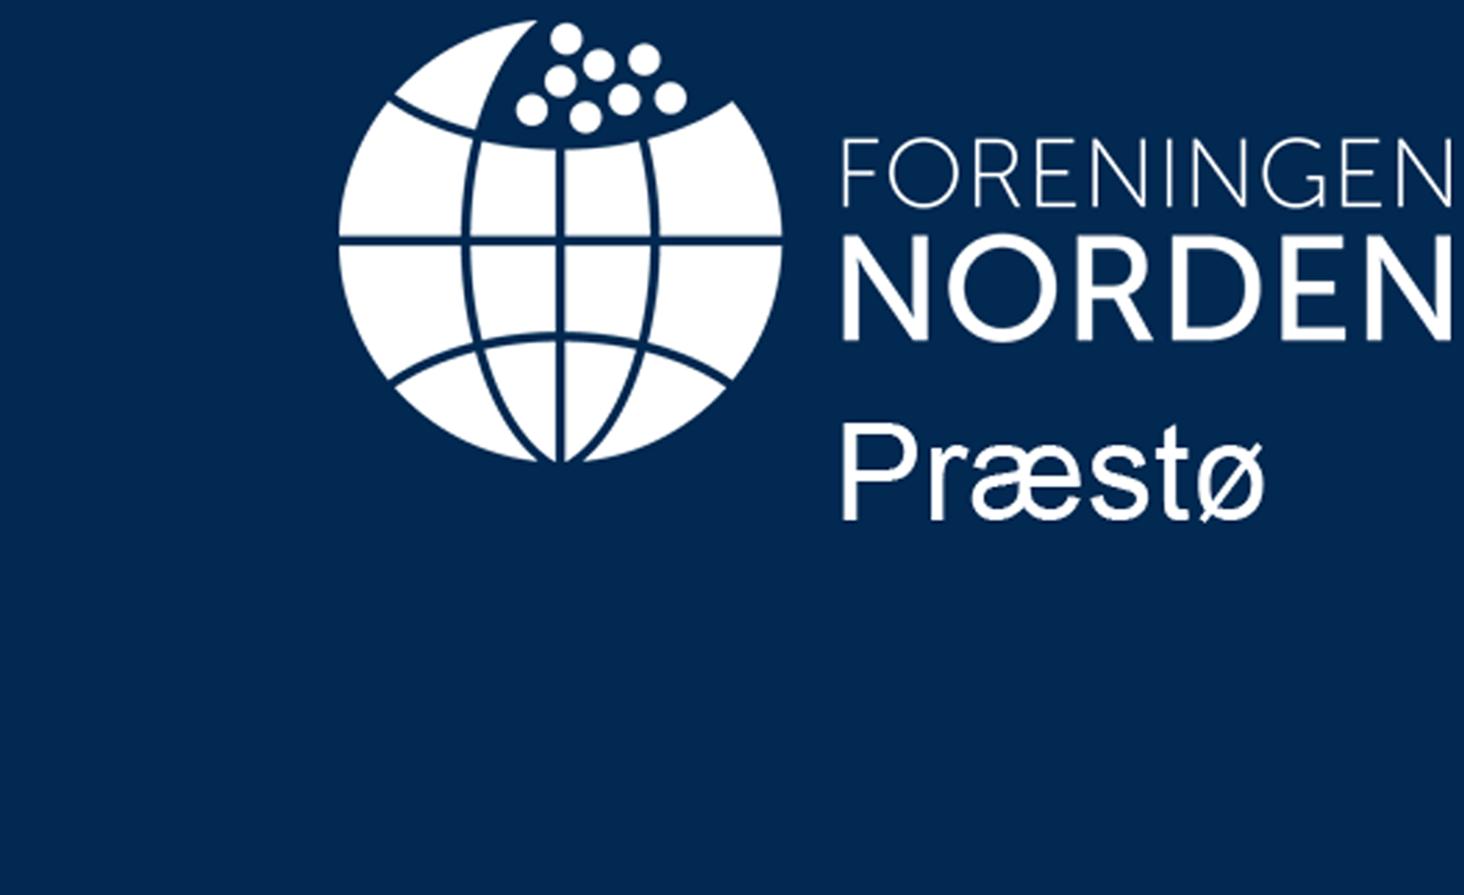 Foreningen Norden Præstø